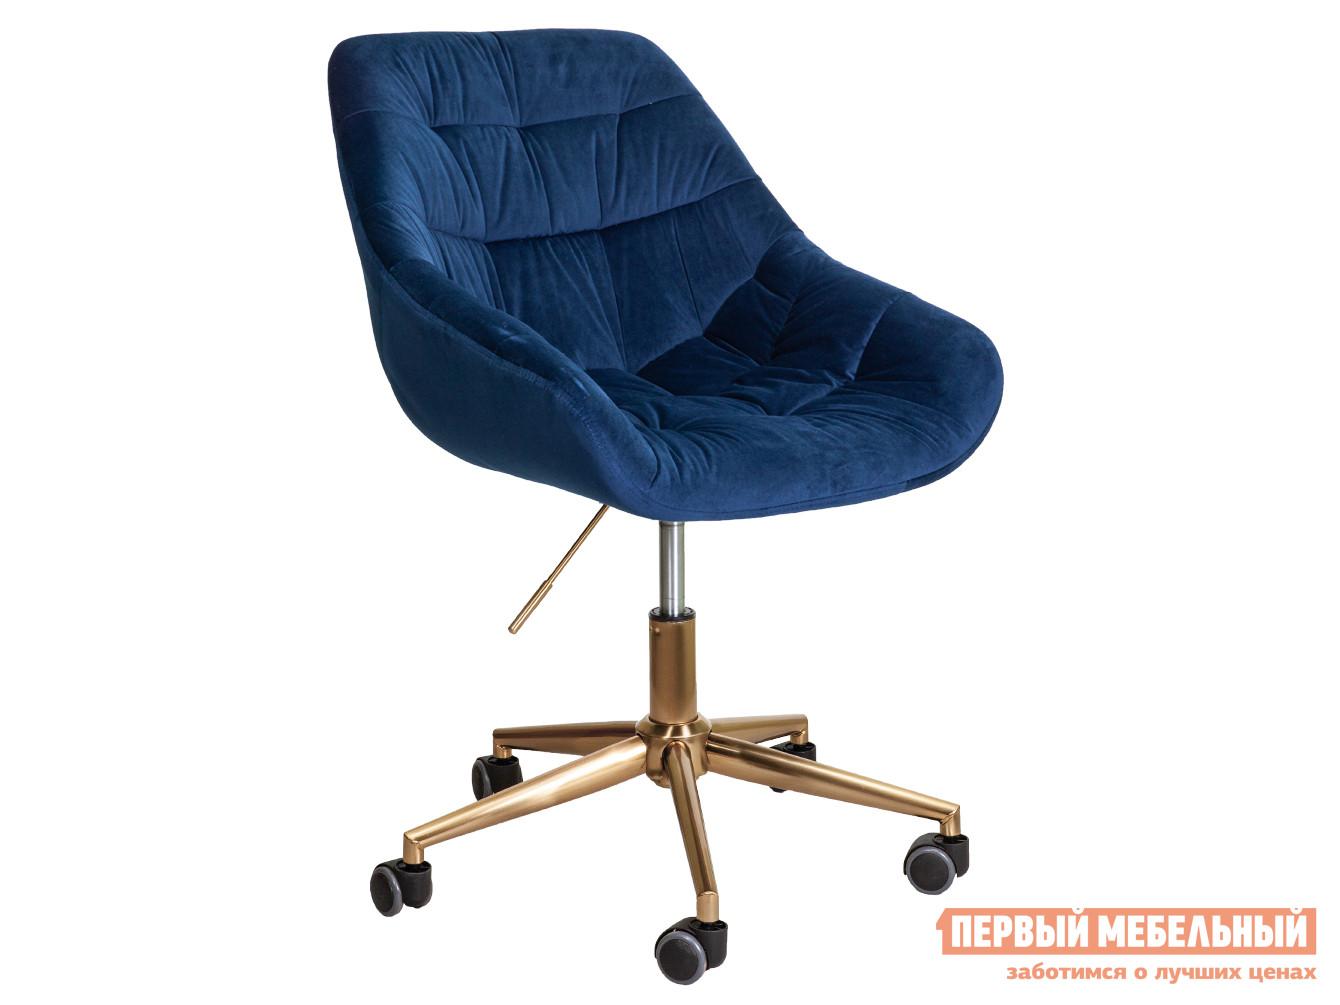 Офисное кресло  Офисное кресло BALI Синий, велюр — Офисное кресло BALI Синий, велюр